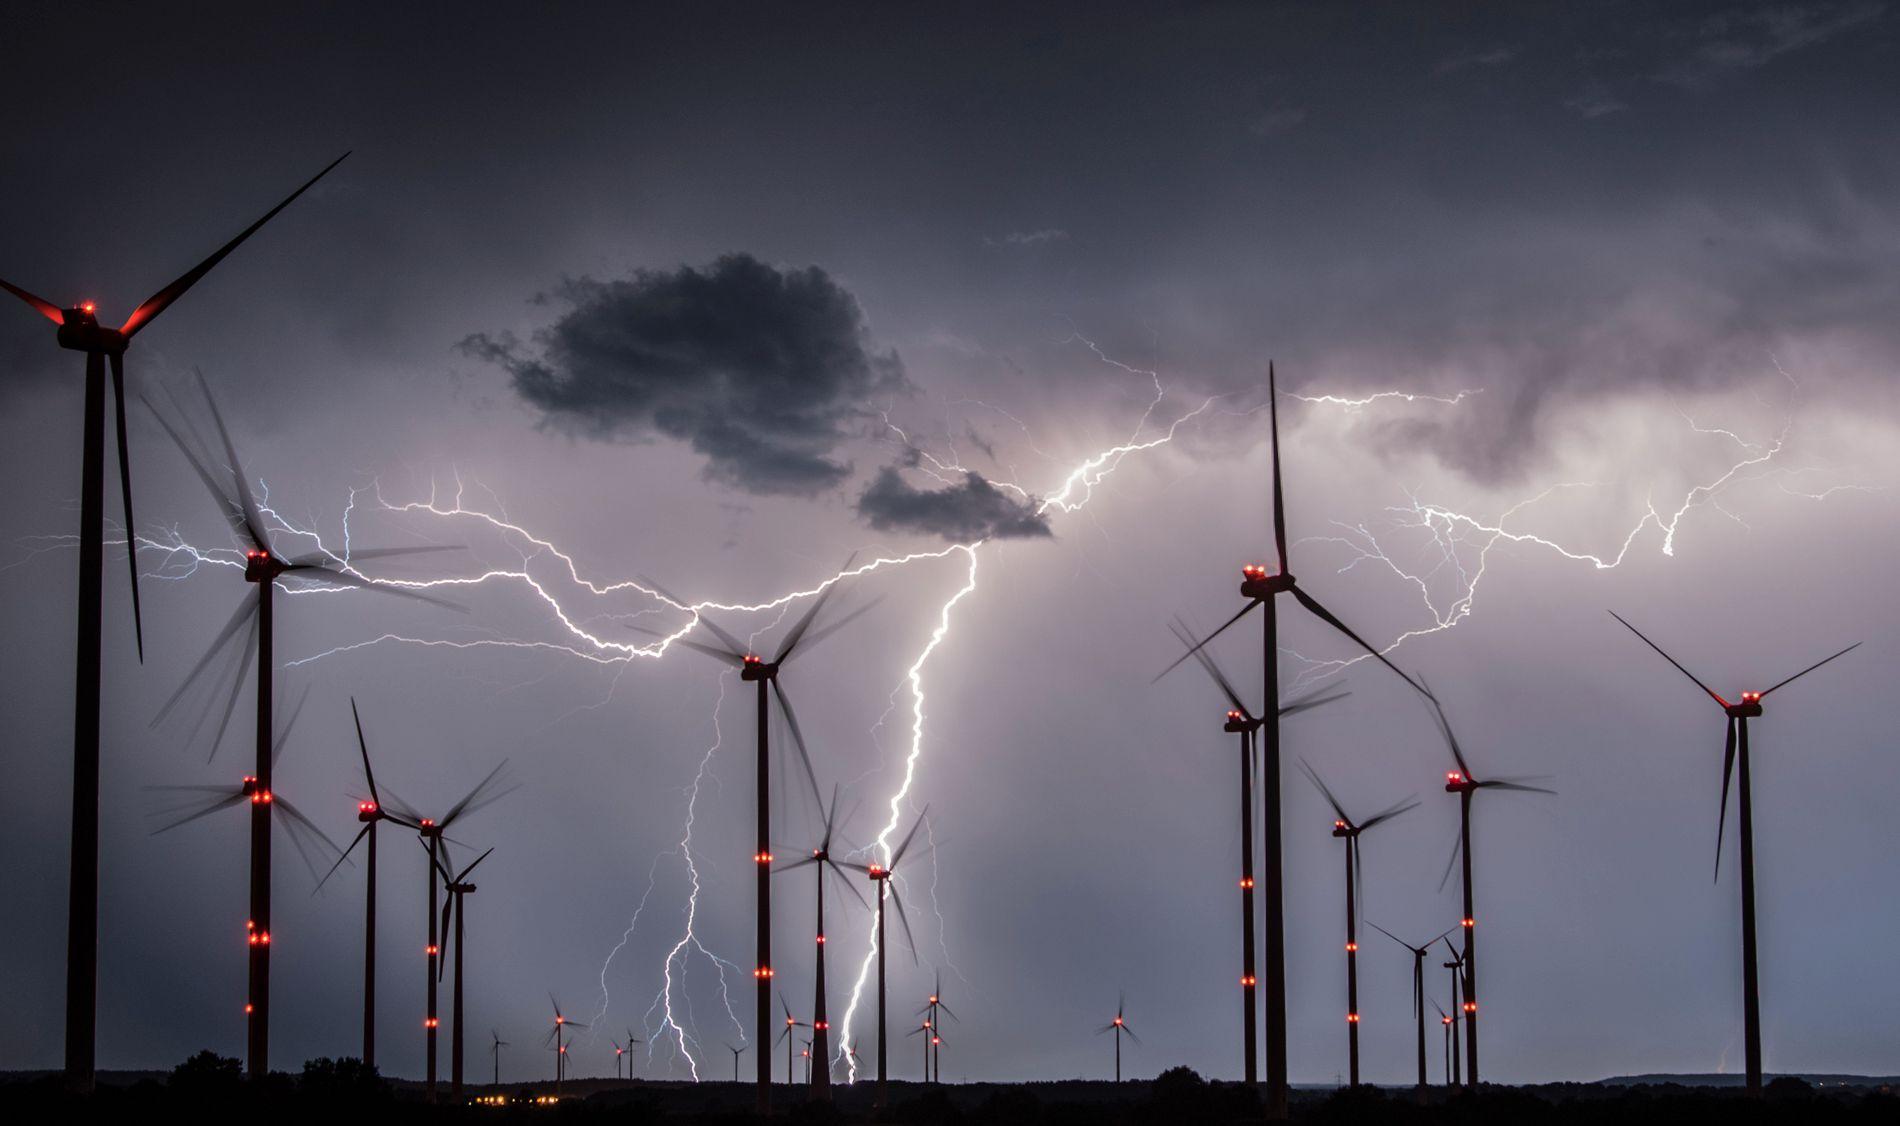 FLOTT MED VINDMØLLER, MEN: Hverken vindmøller eller solcellepaneler kan stanse global oppvarming. Til det må vi fjerne CO₂ fra atmosfæren. Men ingen planlegger eller investerer eller fordeler oppgaver for å få det til, hevder klimaforsker Glen Peters. Bildet viser lynnedslag i vindmøller nær Sieversdorf i østlige Tyskland 1. august.